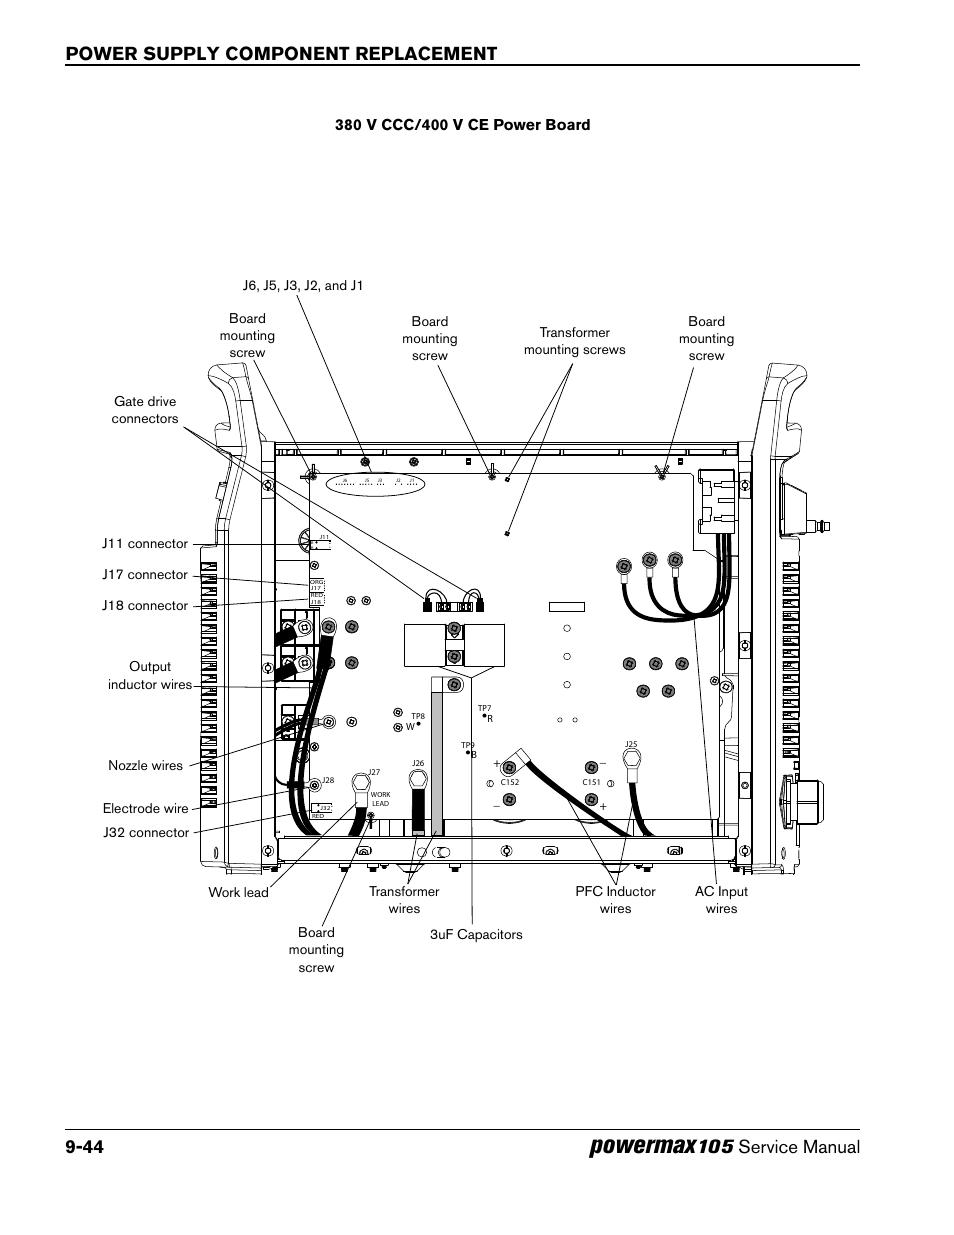 powermax wiring diagram